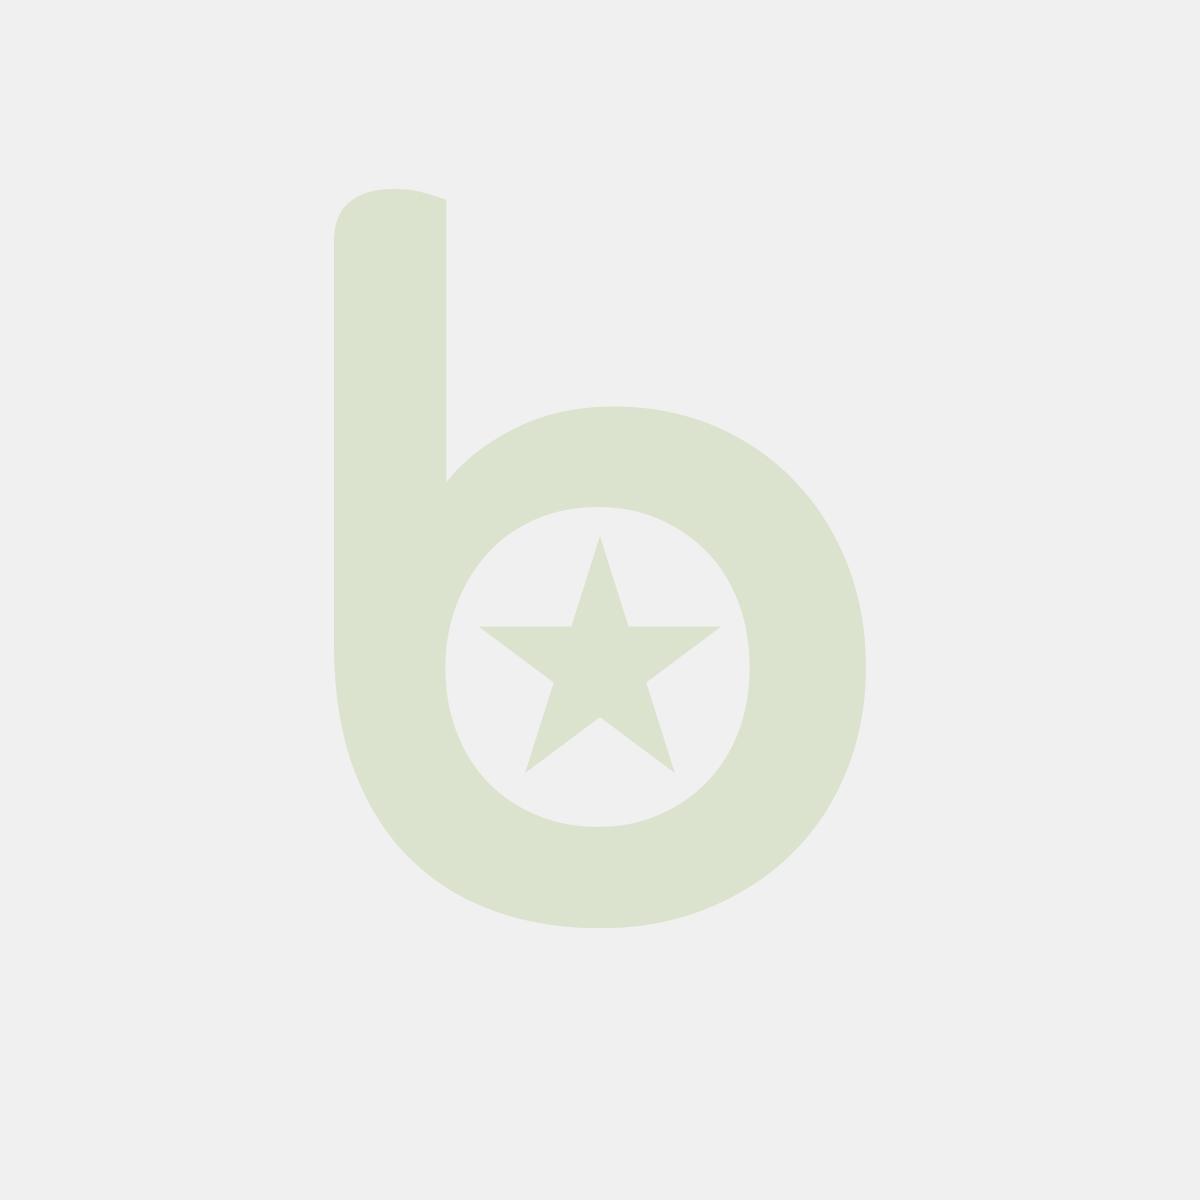 FINGERFOOD - łyżka PS czarna 12x3,8cm op. 30 sztuk